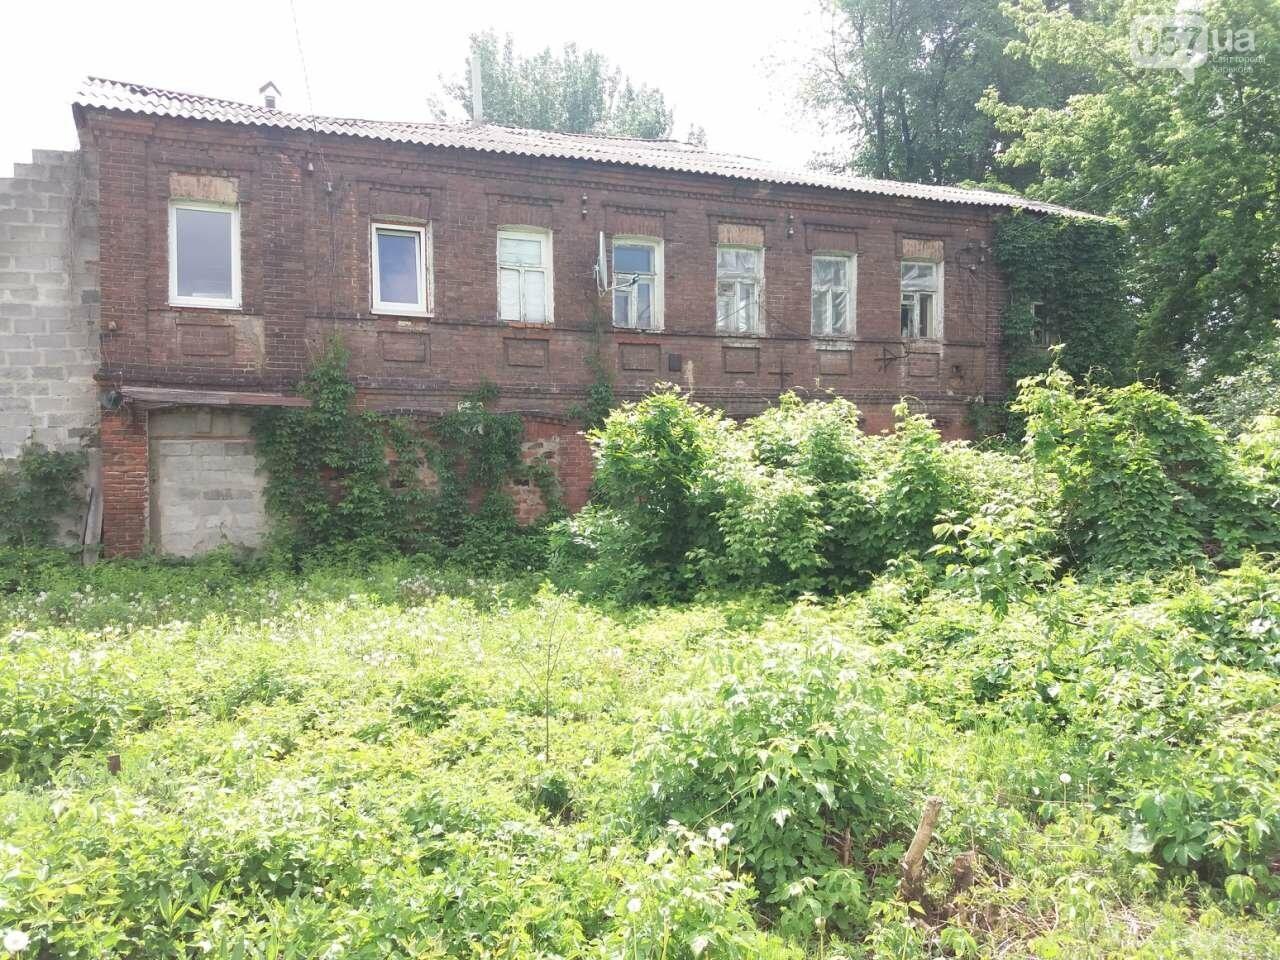 10 лет без ремонта: почему в Харькове не спешат восстанавливать аварийный дом, - ФОТО, фото-2